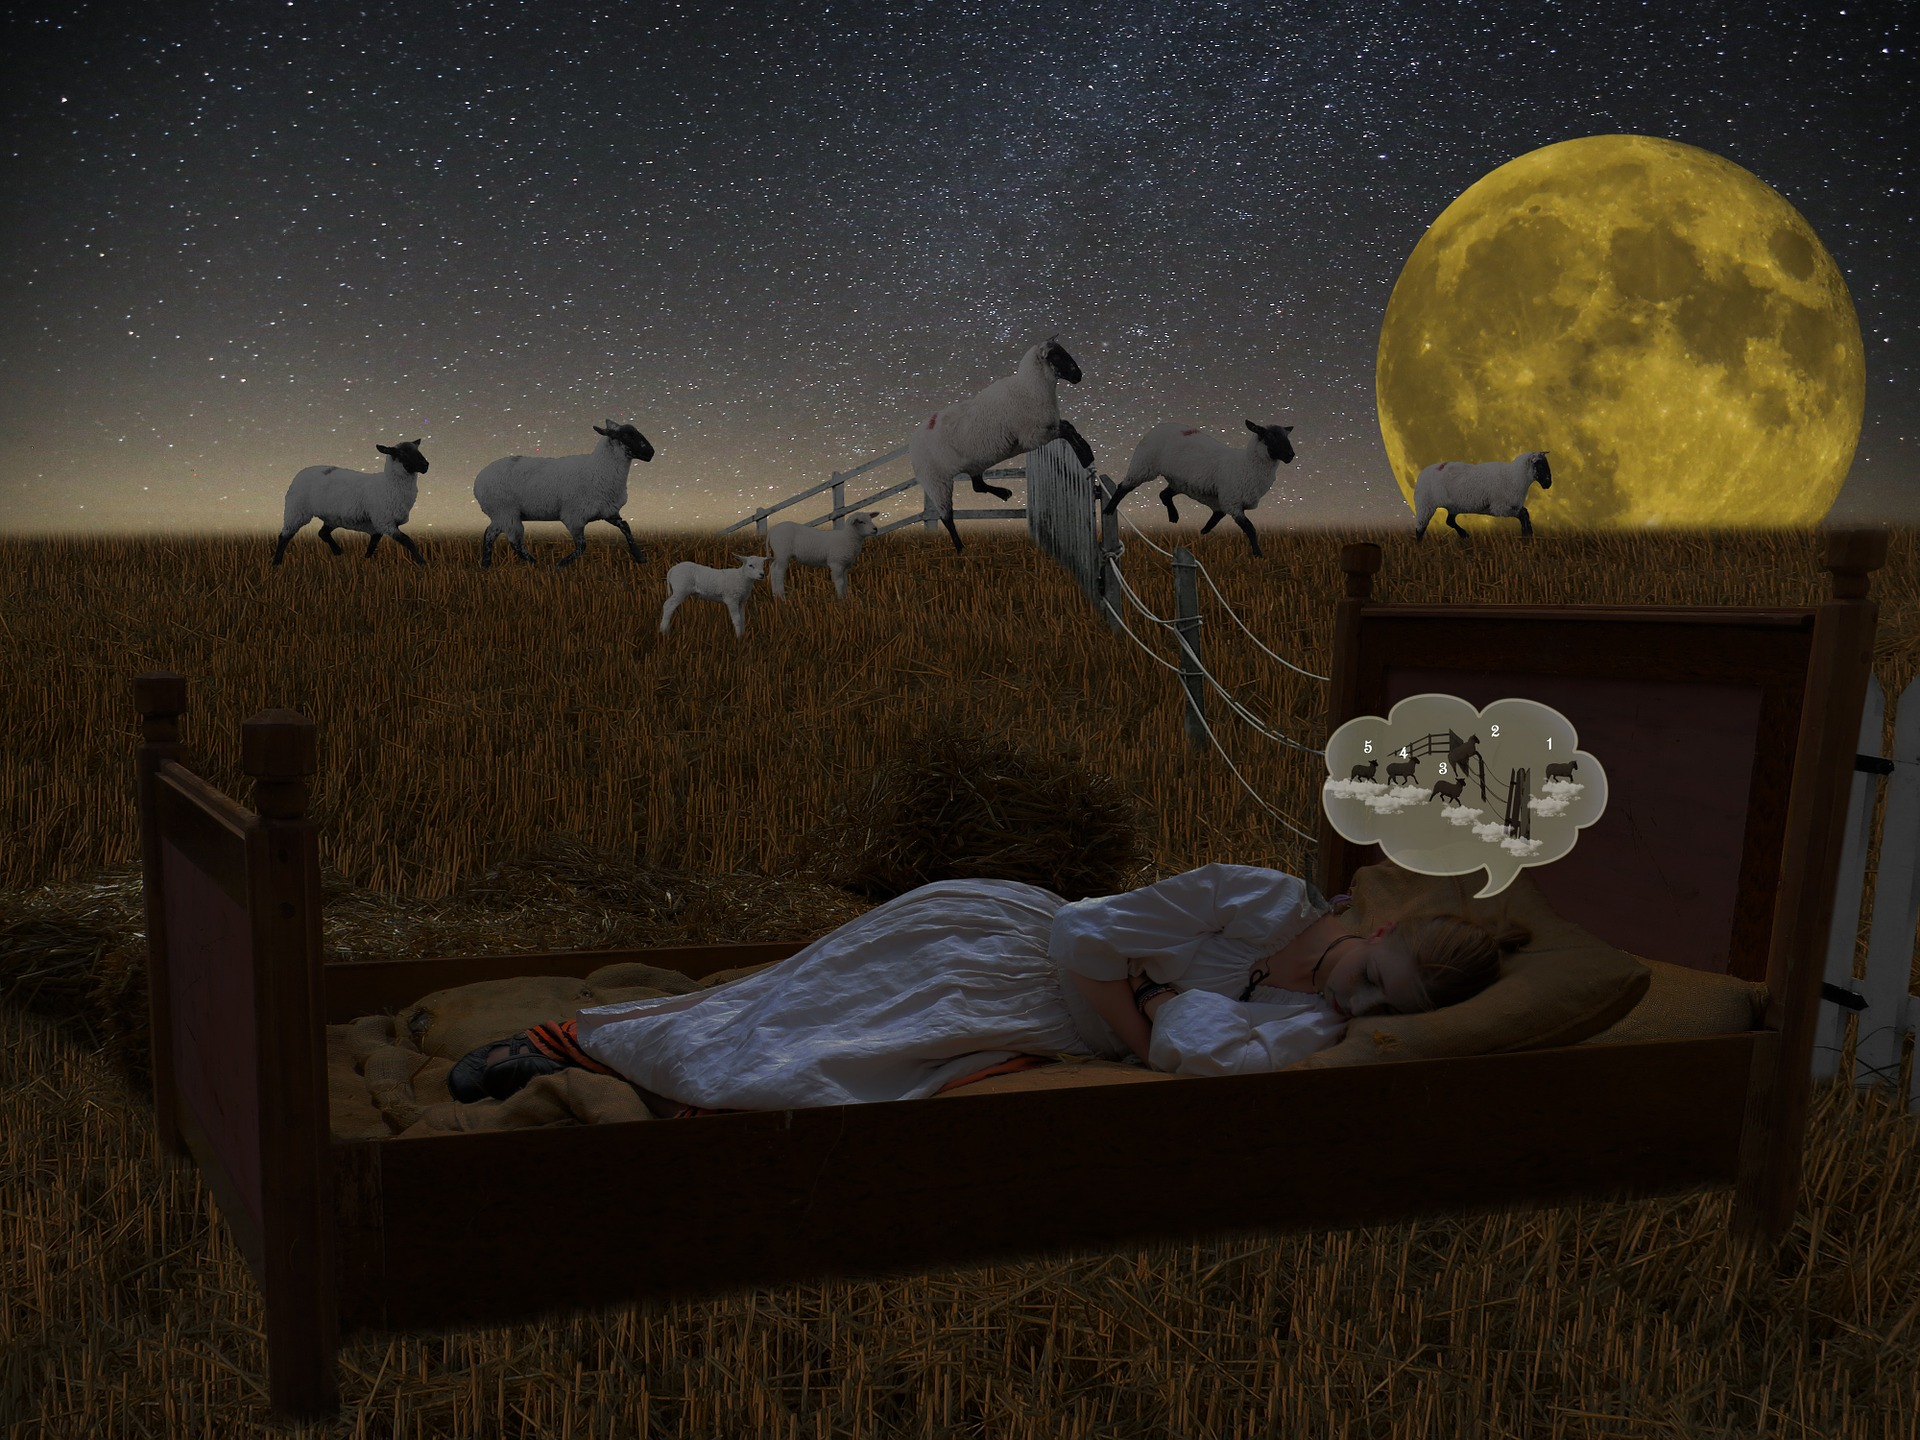 Что есть, чтобы хорошо спать